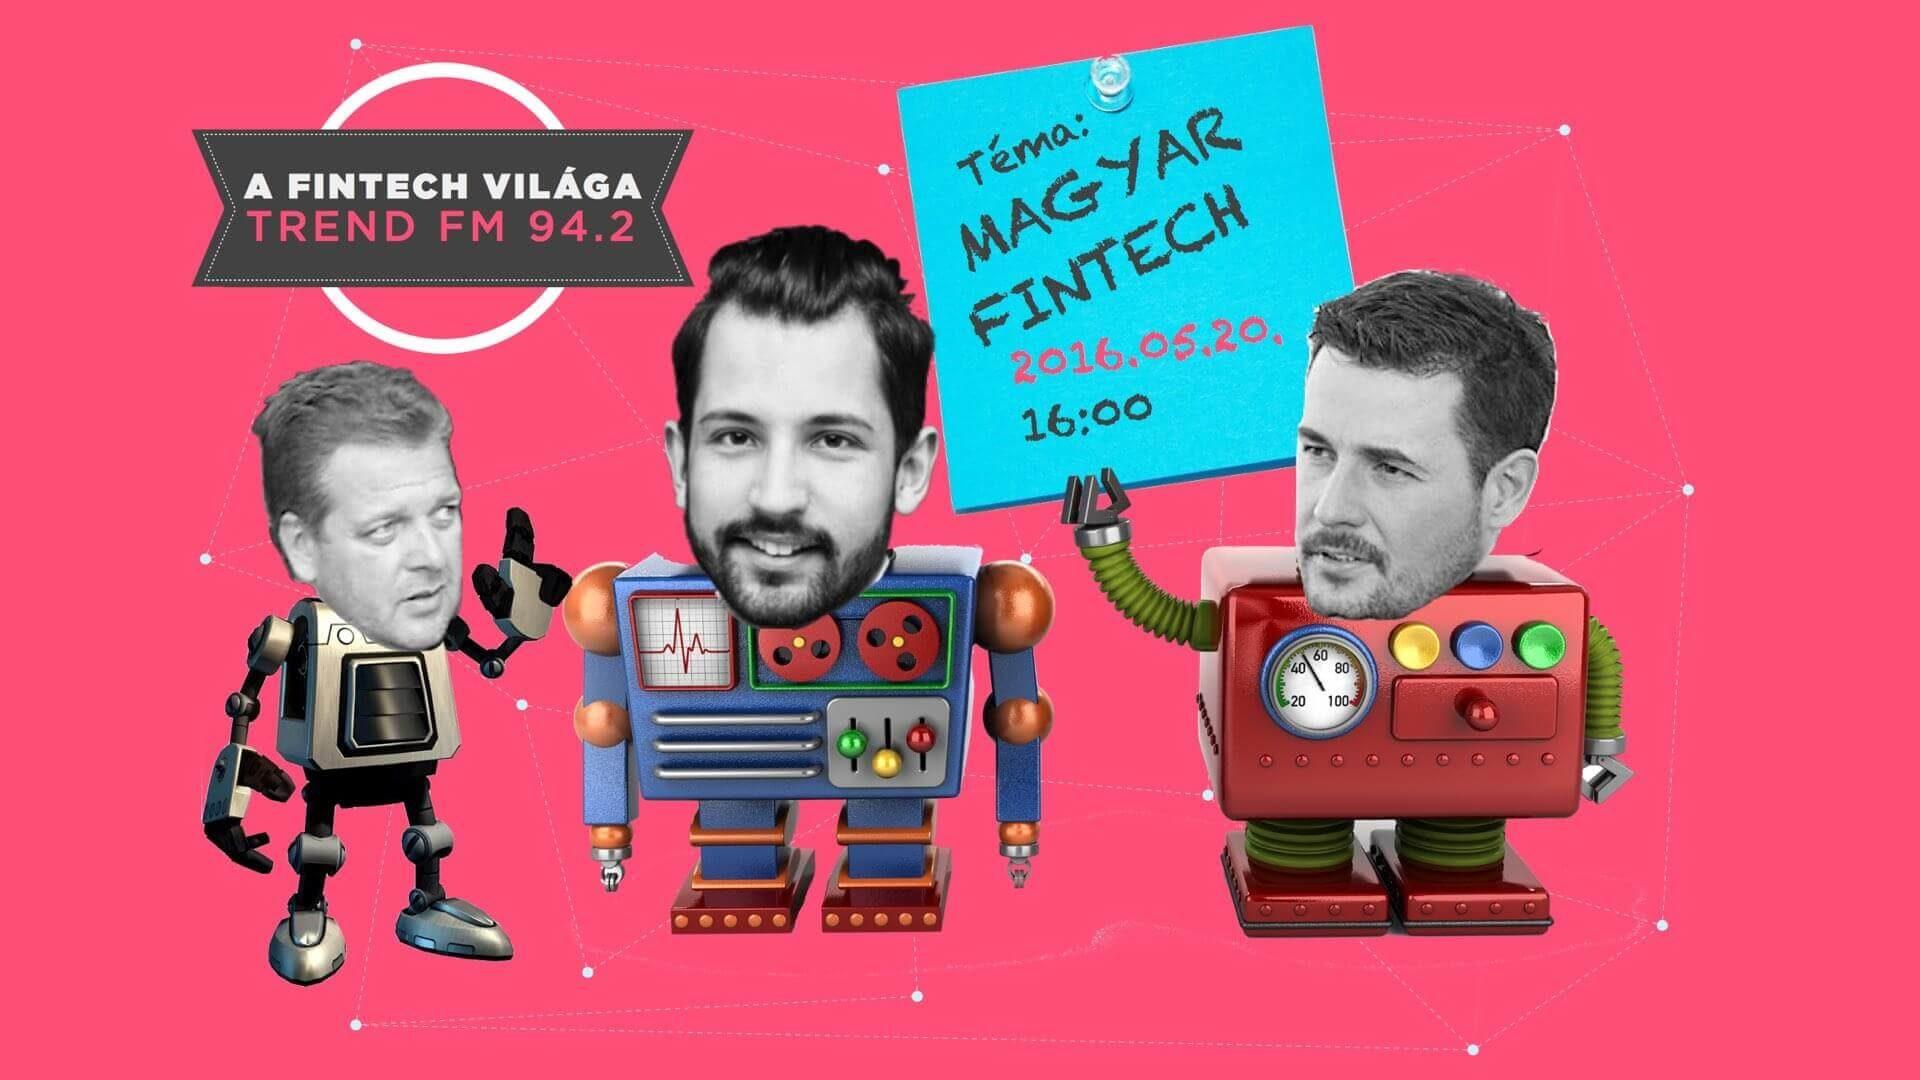 Magyarország első robovisor FinTech cége